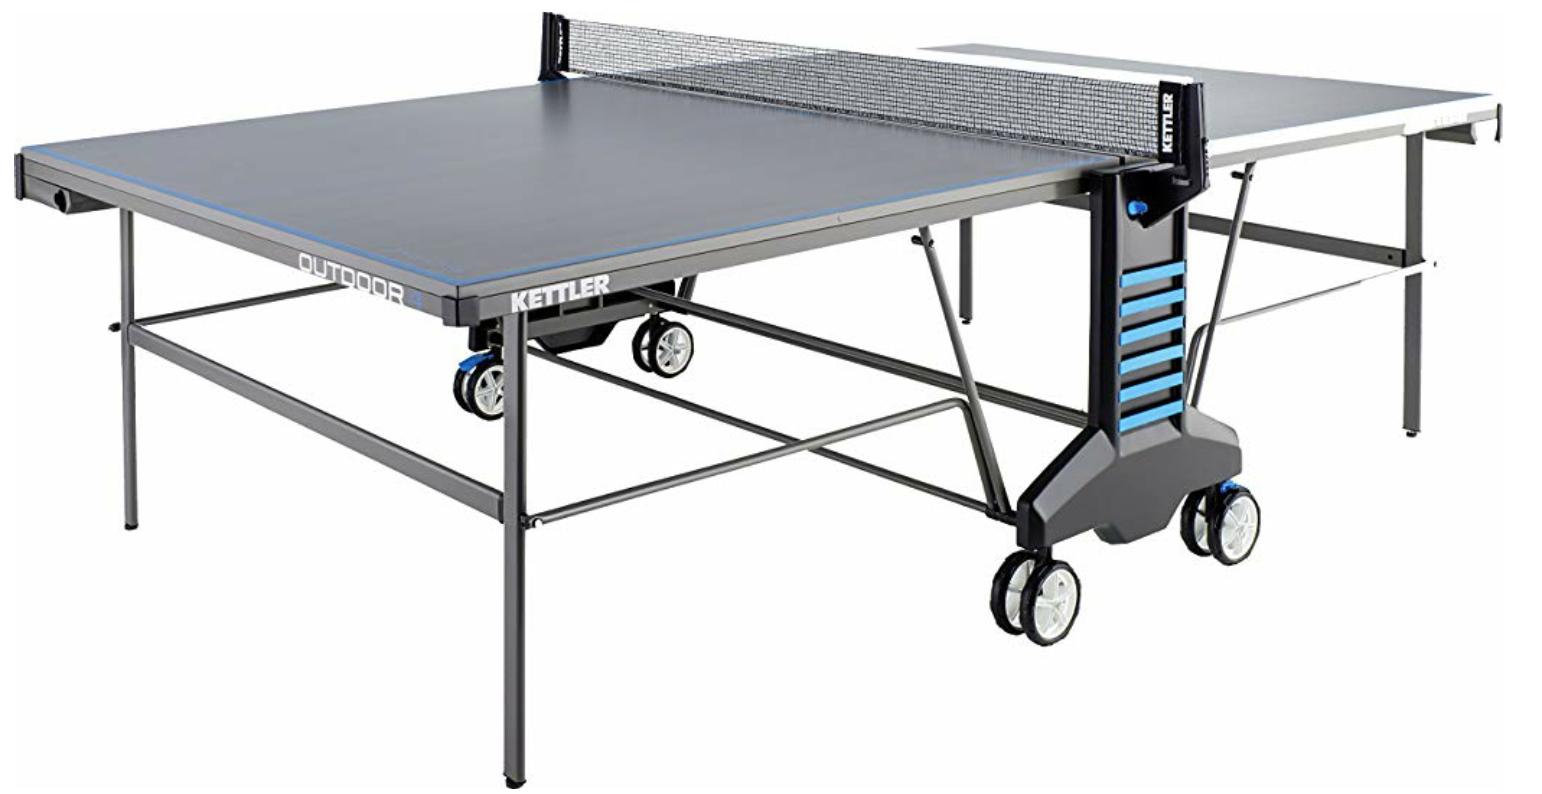 KETTLER Sport Tischtennisplatte Outdoor 4, Turniermaße, Aluminium, grau/blau